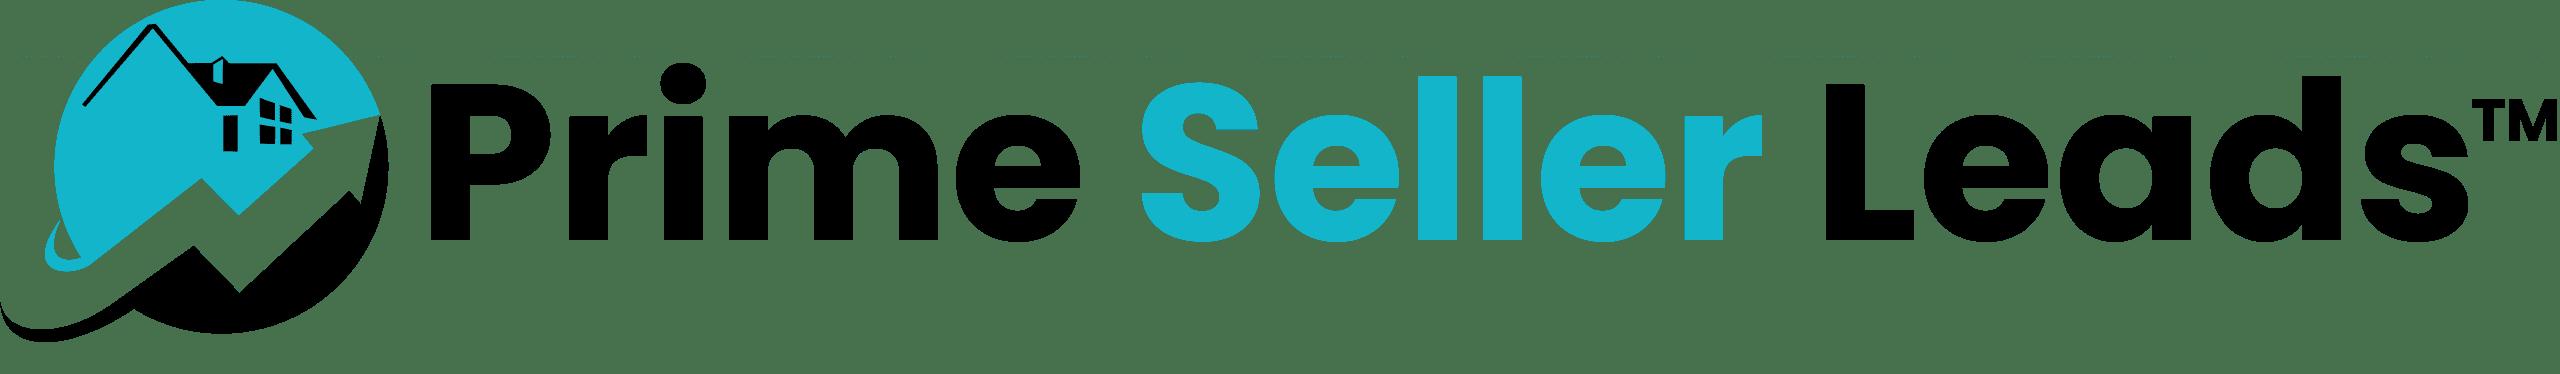 Prime Seller Leads™